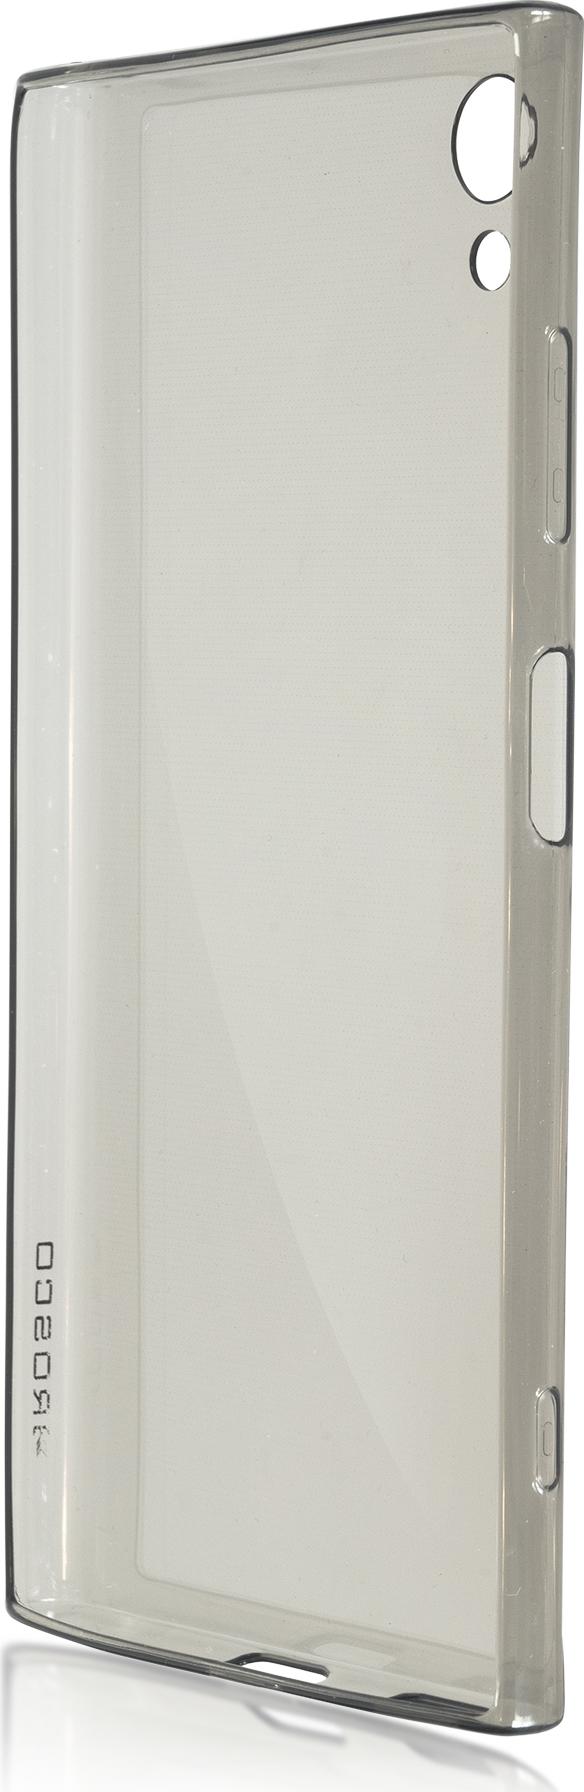 Чехол Brosco TPU для Sony Xperia XA1 Plus, черный